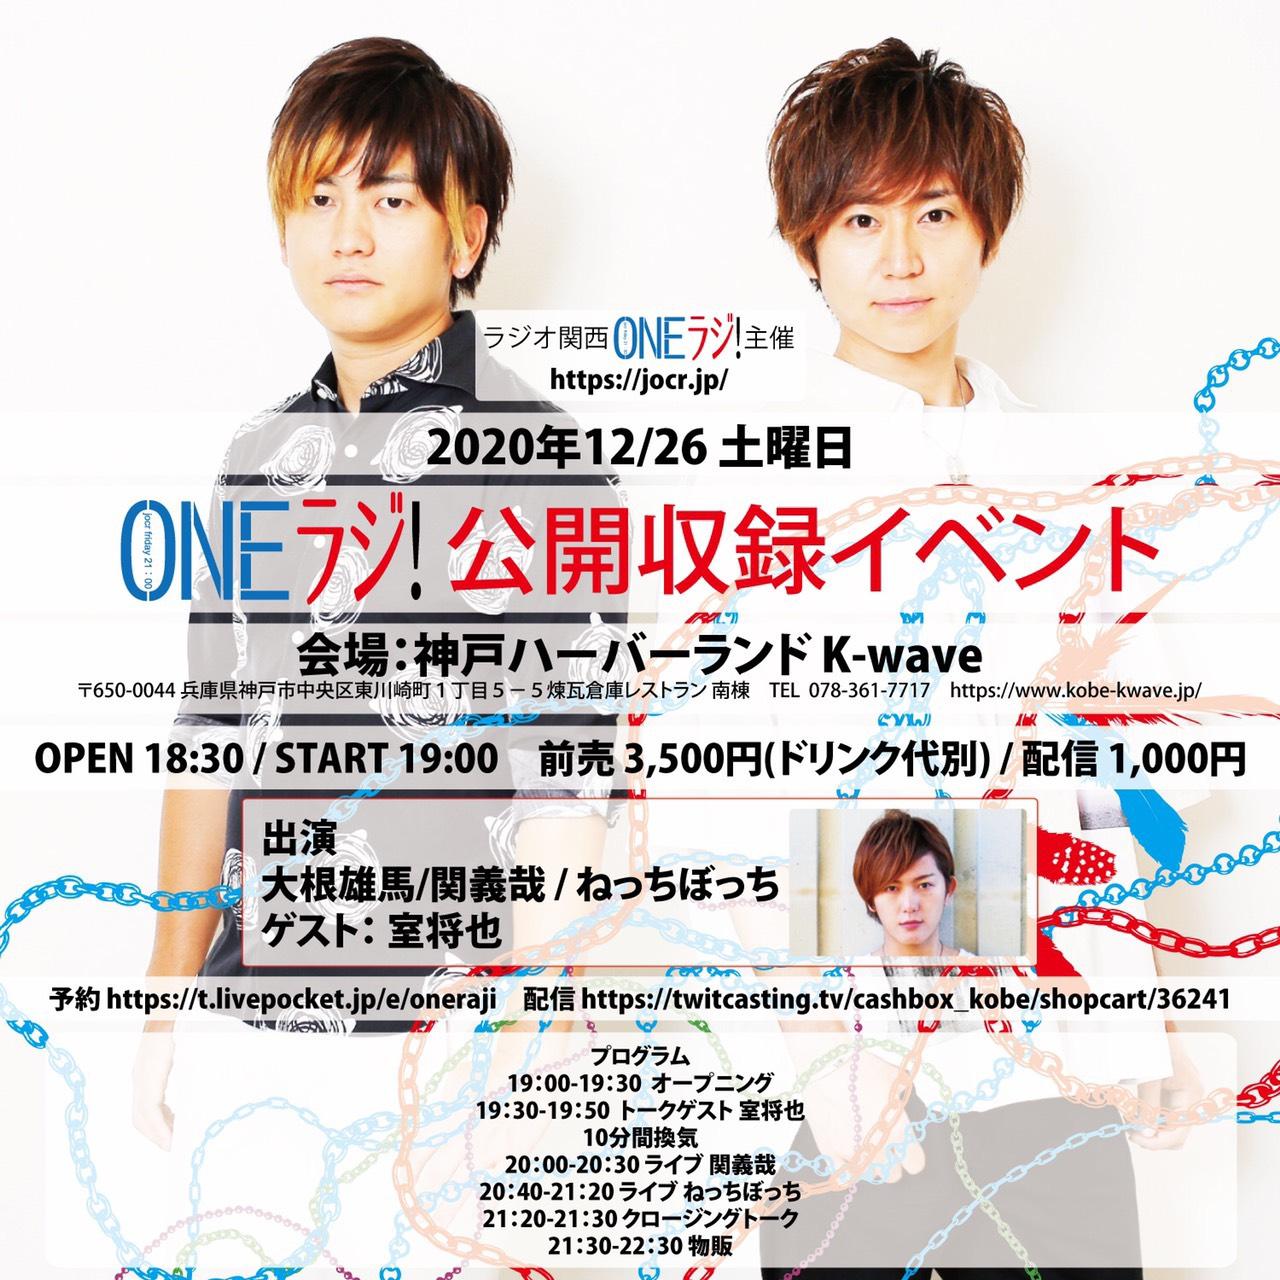 ラジオ大阪「ONEラジ!」公開収録イベント